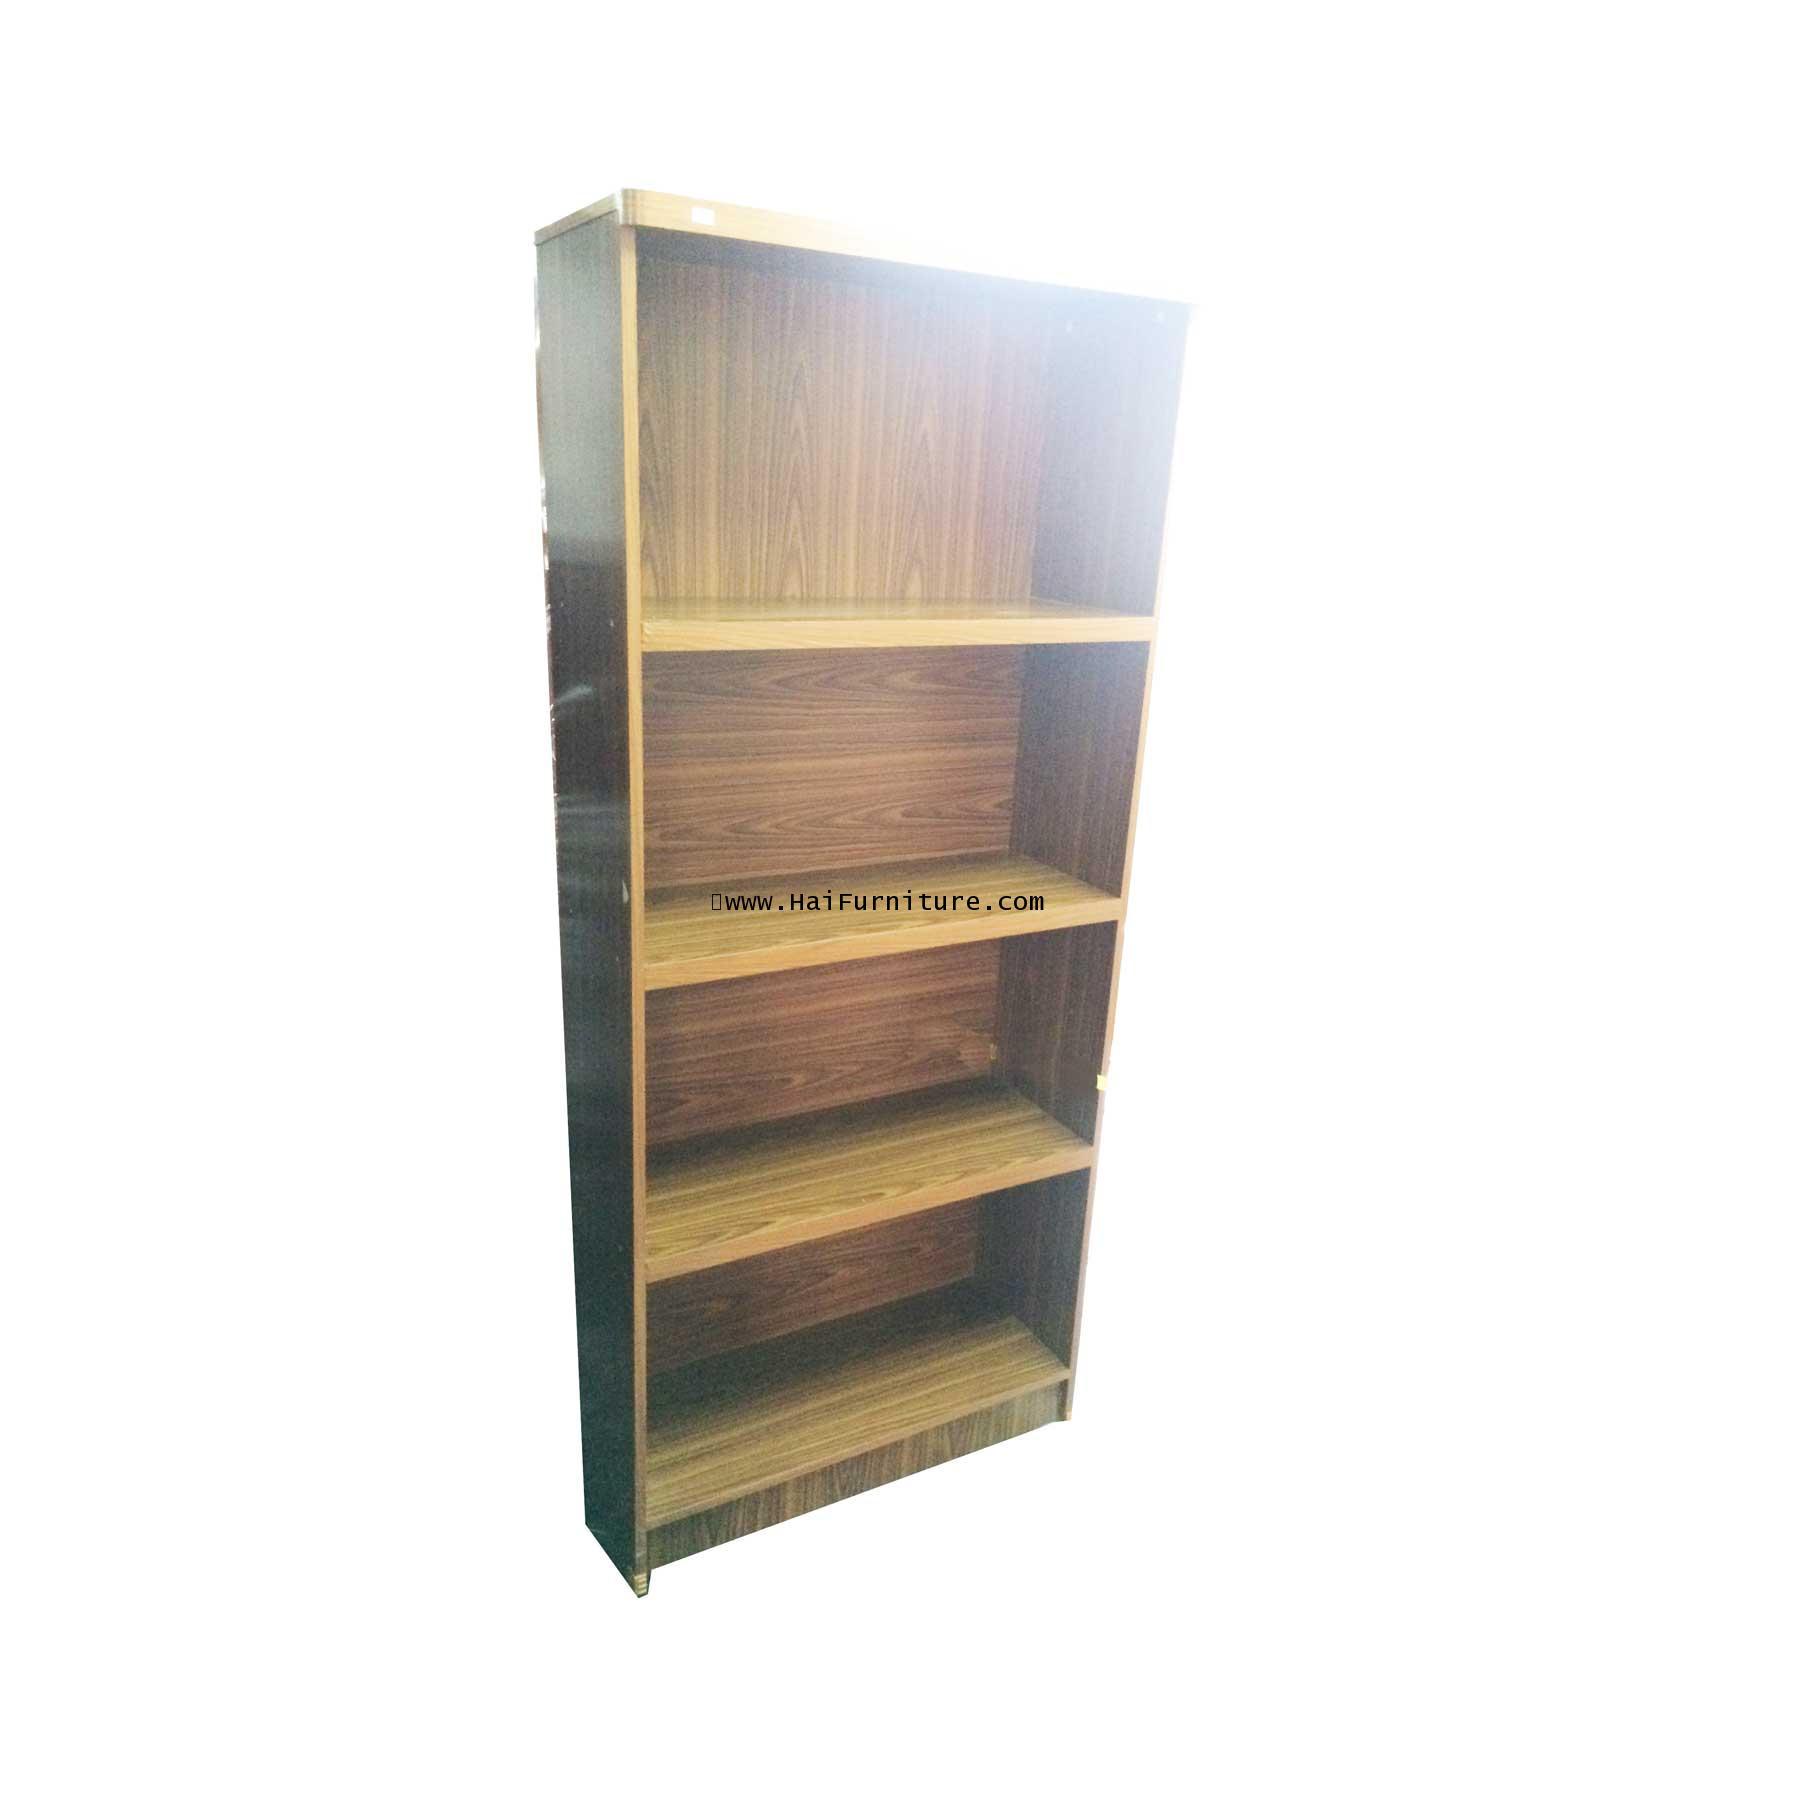 ชั้นวางหนังสือ 4 ชั้น น๊อคดาวน์ PVC 75*30*173 cm